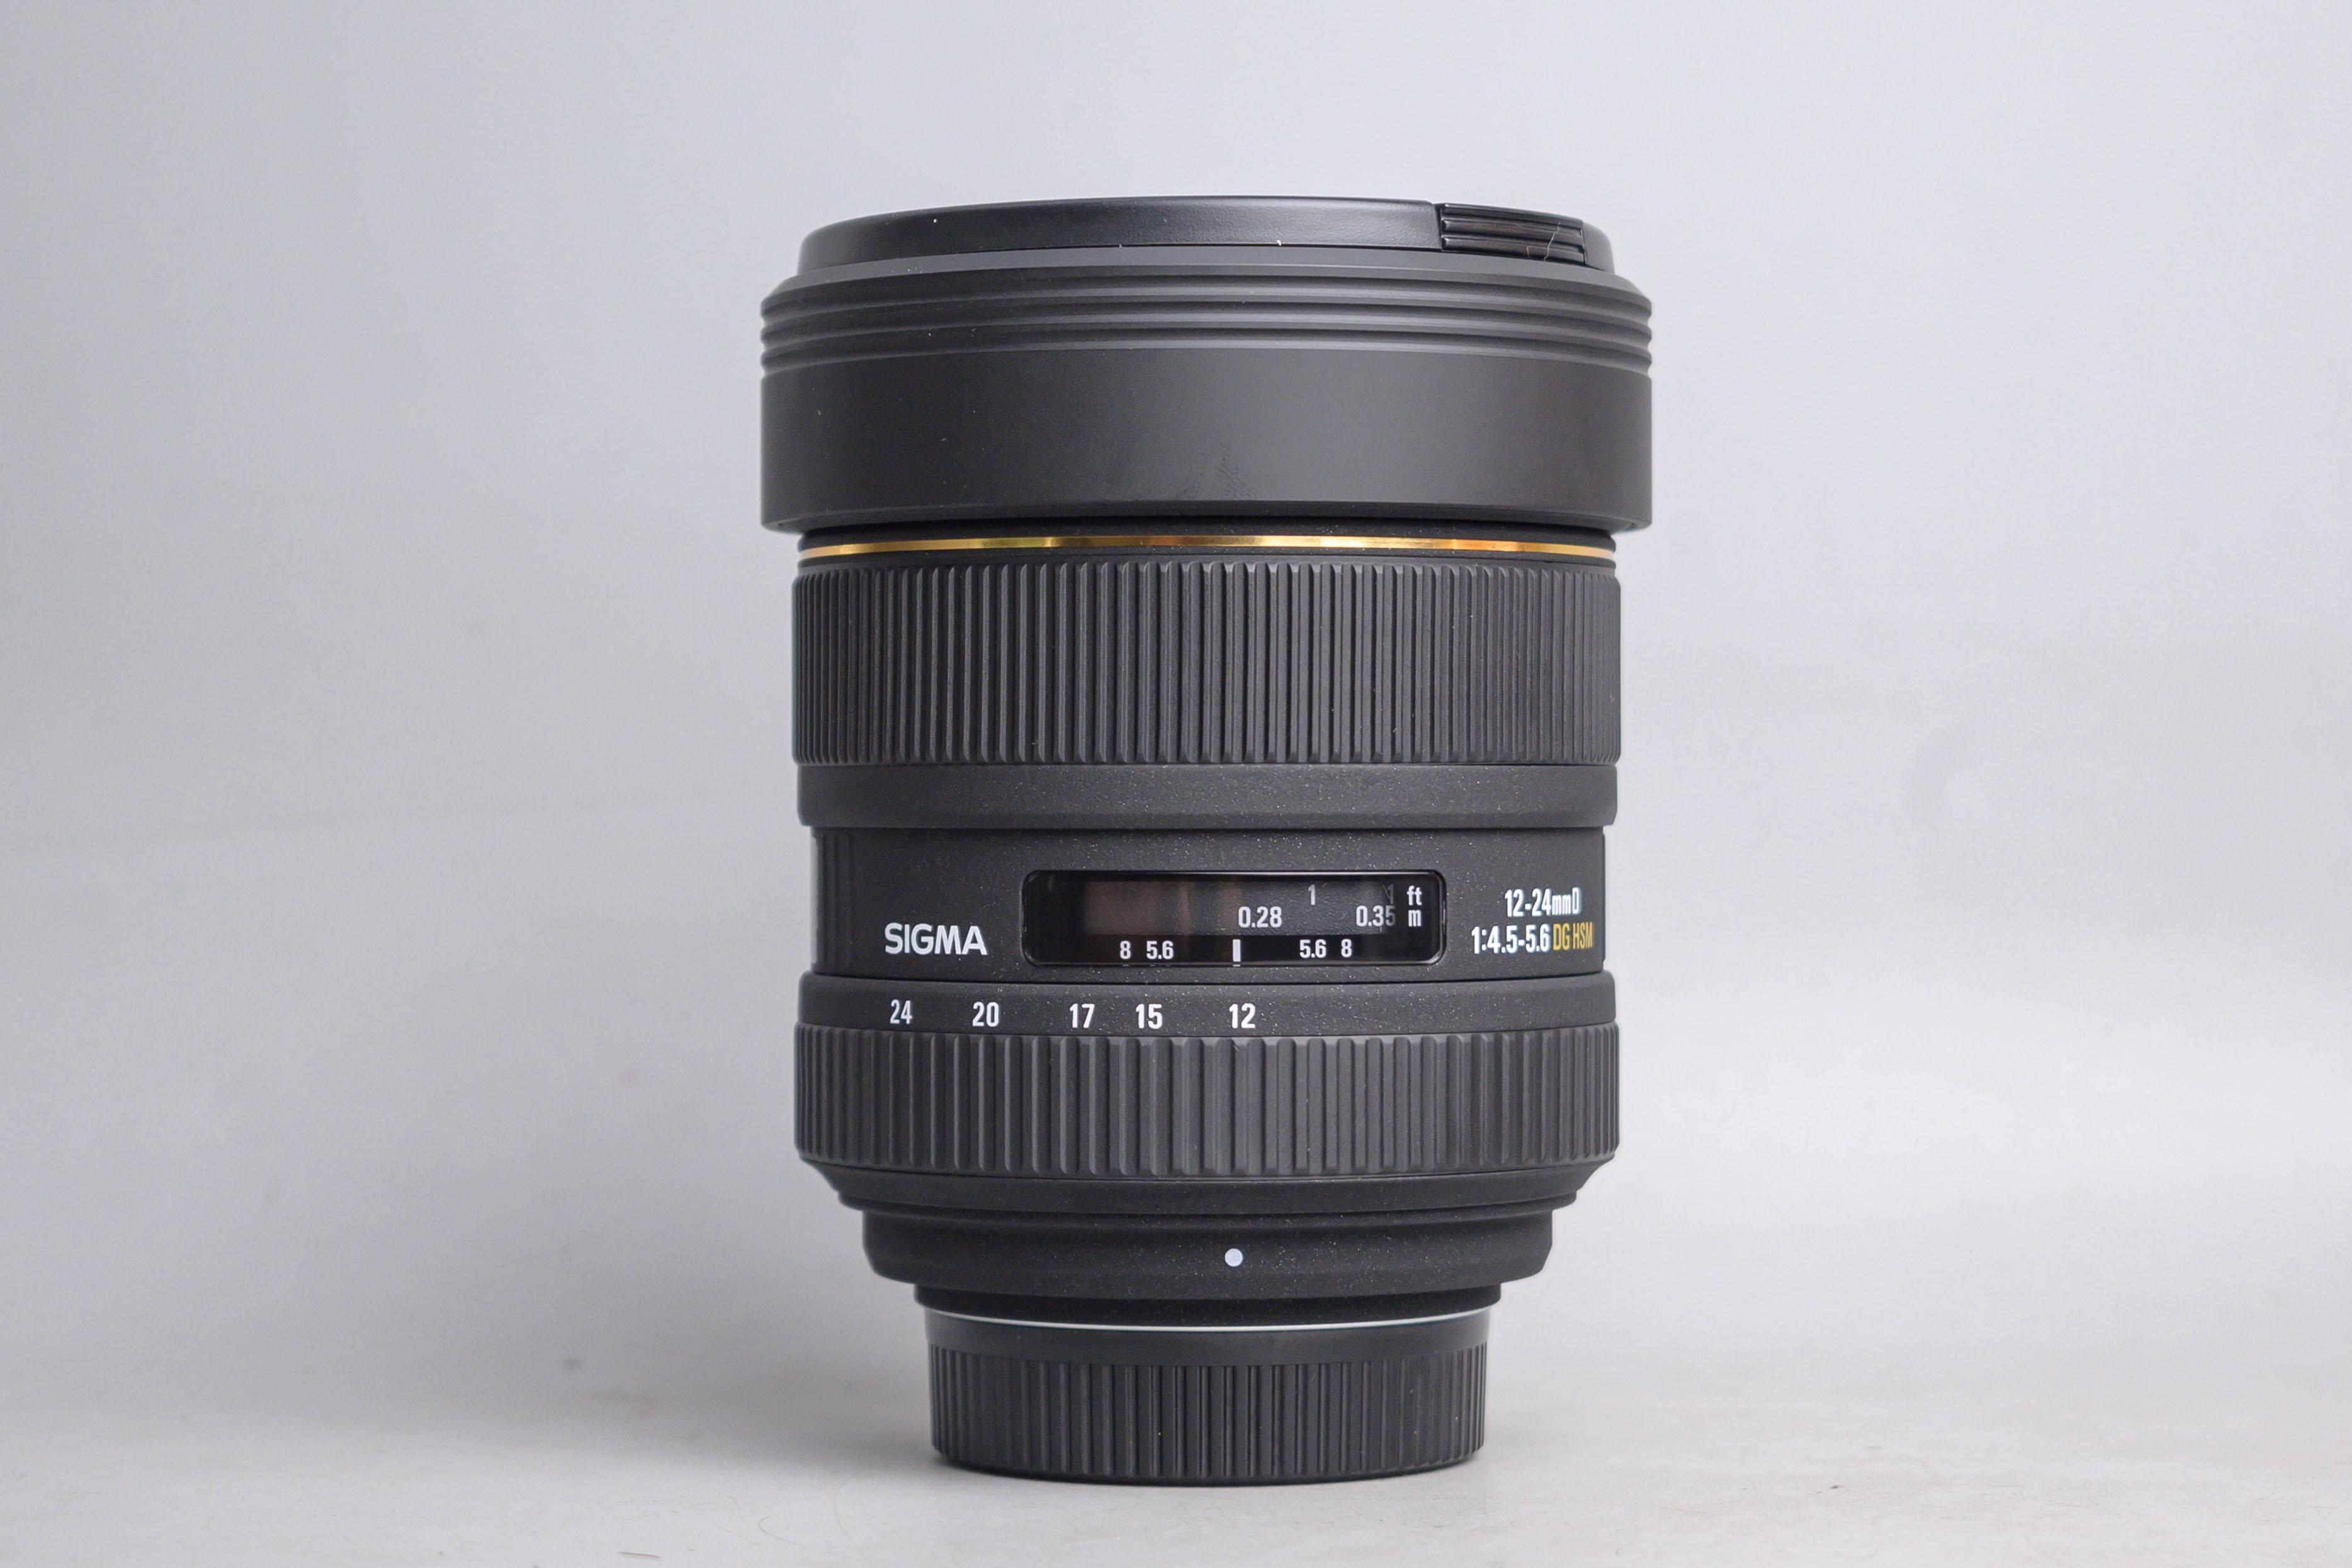 sigma-ex-12-24mm-f4-5-5-6-dg-af-nikon-12-24-4-5-5-6-17380